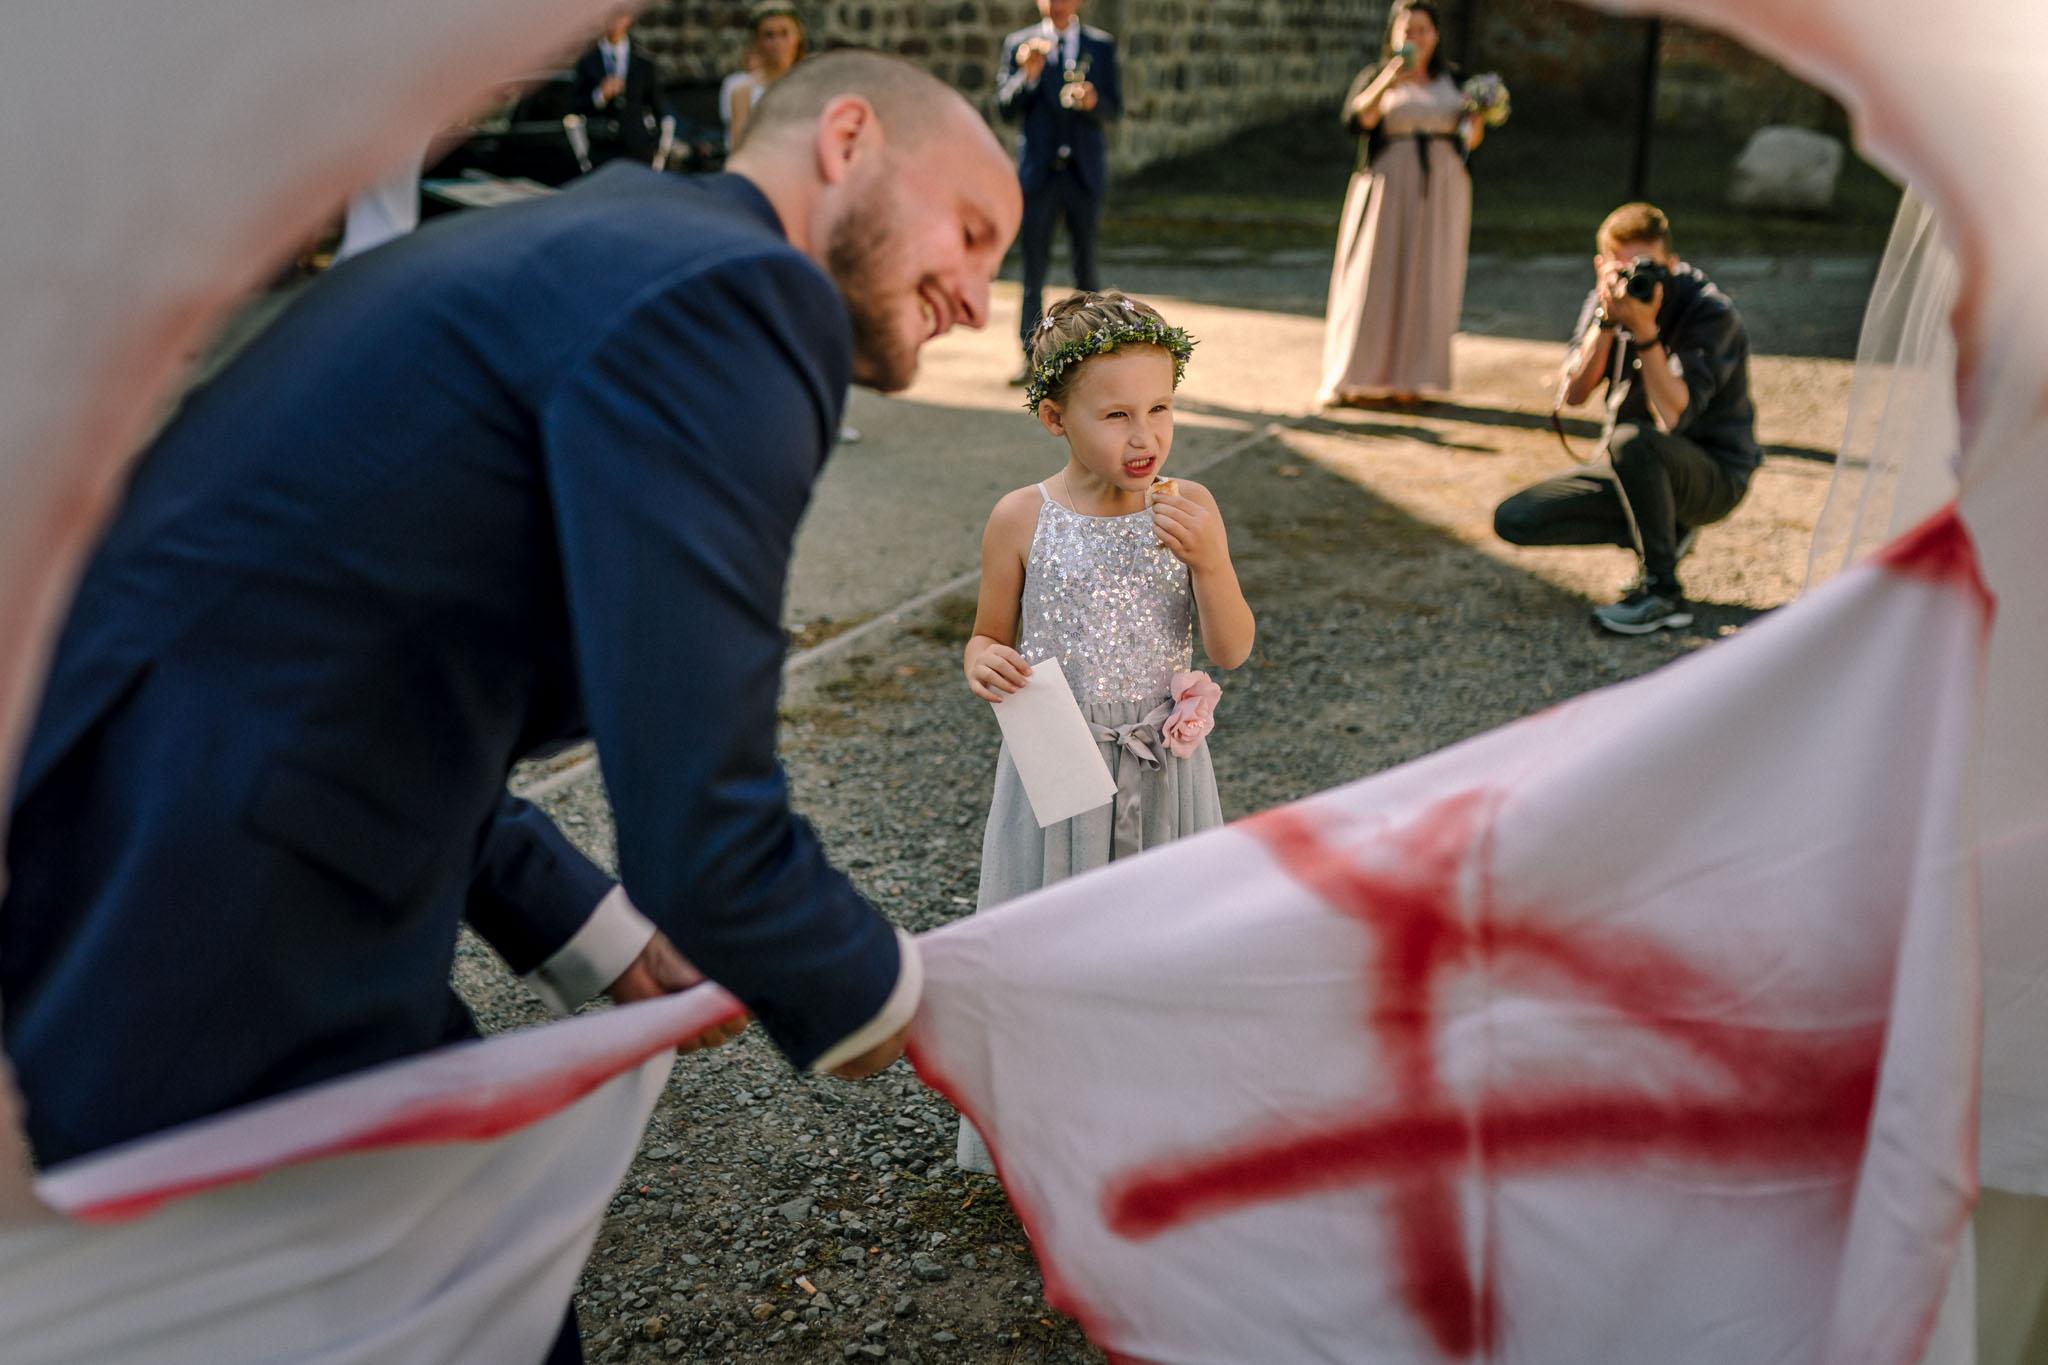 Hochzeitsfieber by Photo-Schomburg, Hochzeitsfotograf, Hamburg,Hochzeitstag, Hochzeitspaar, Braut, Bräutigam, Literaturhauscafe Zarrentin-62